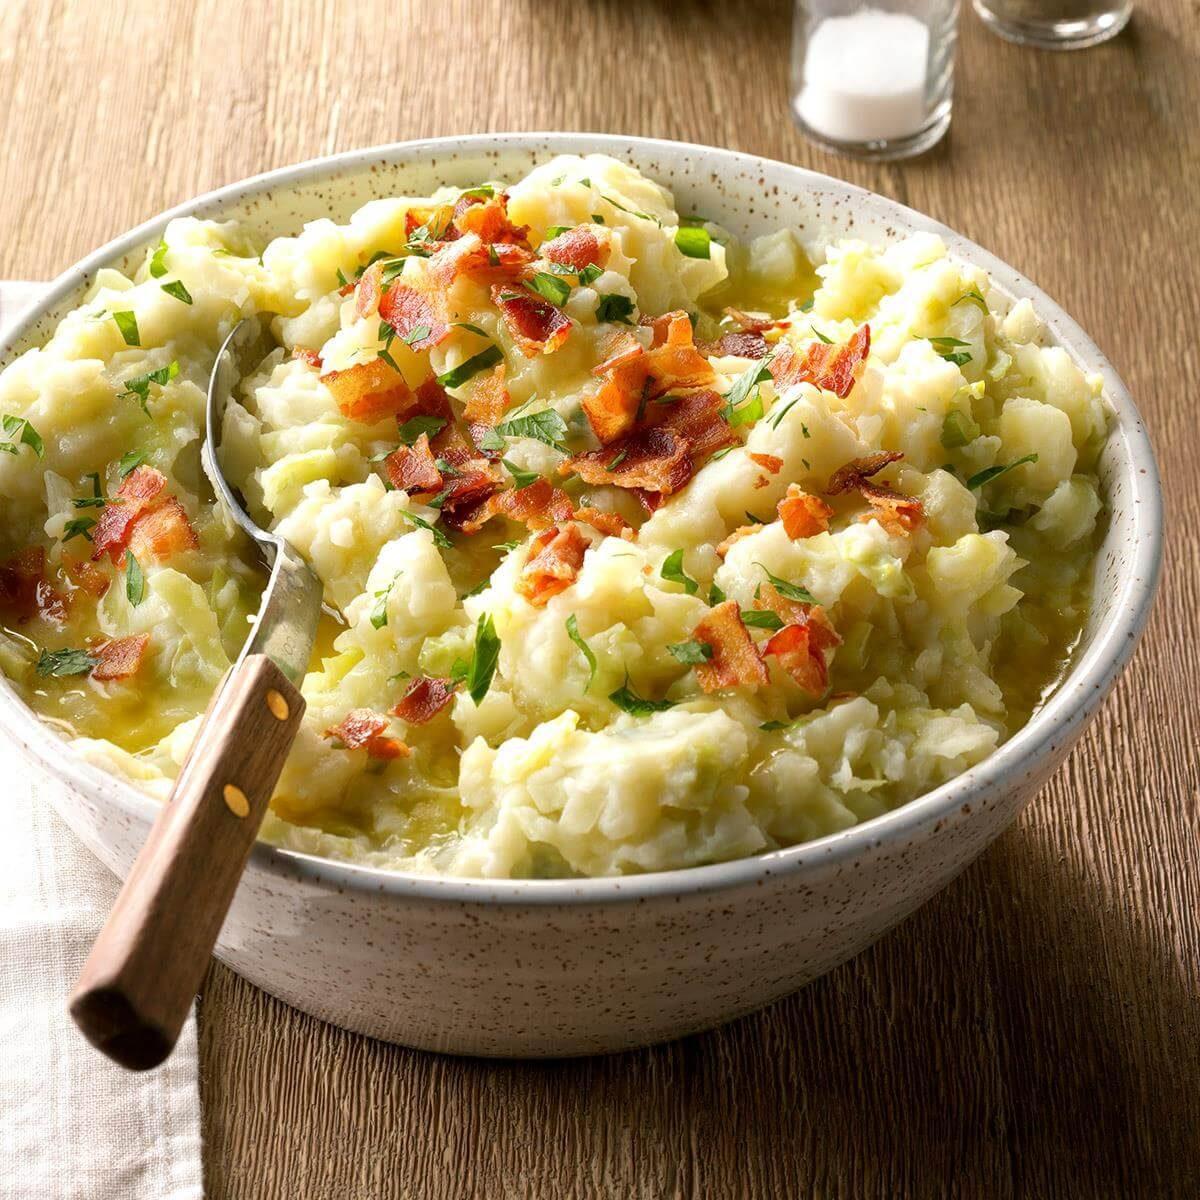 Oregon: Colcannon Potatoes